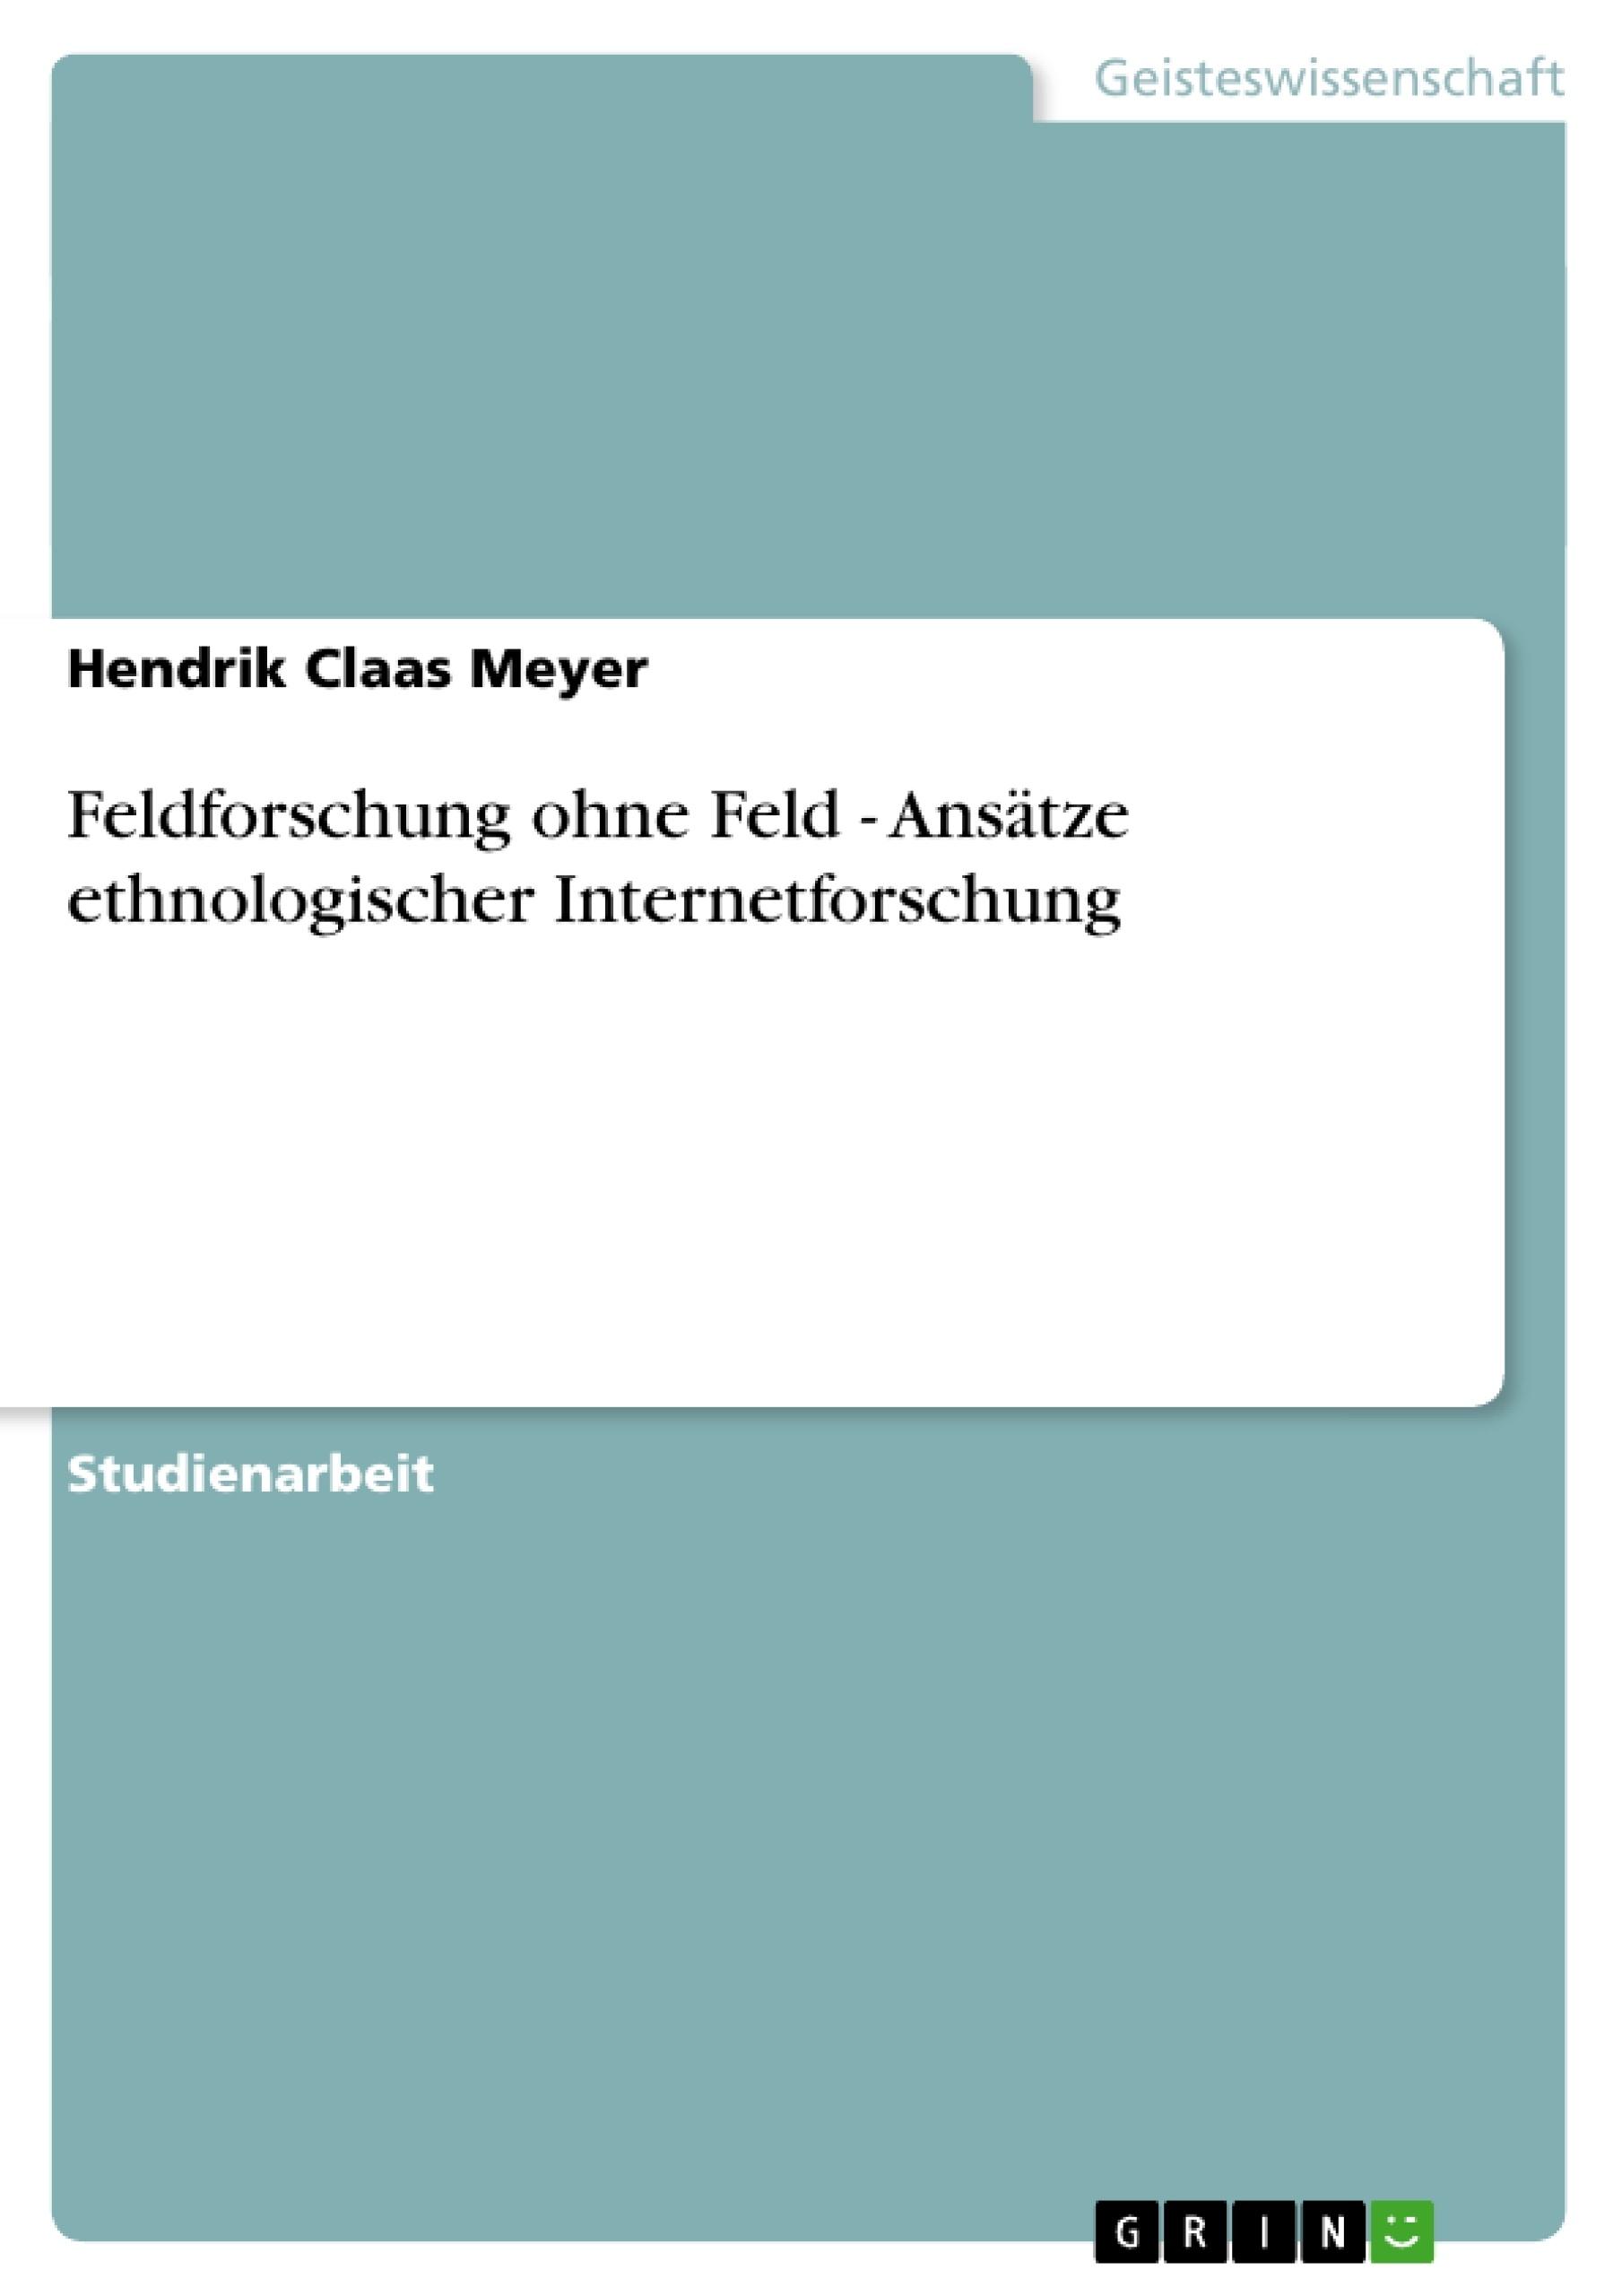 Titel: Feldforschung ohne Feld - Ansätze ethnologischer Internetforschung